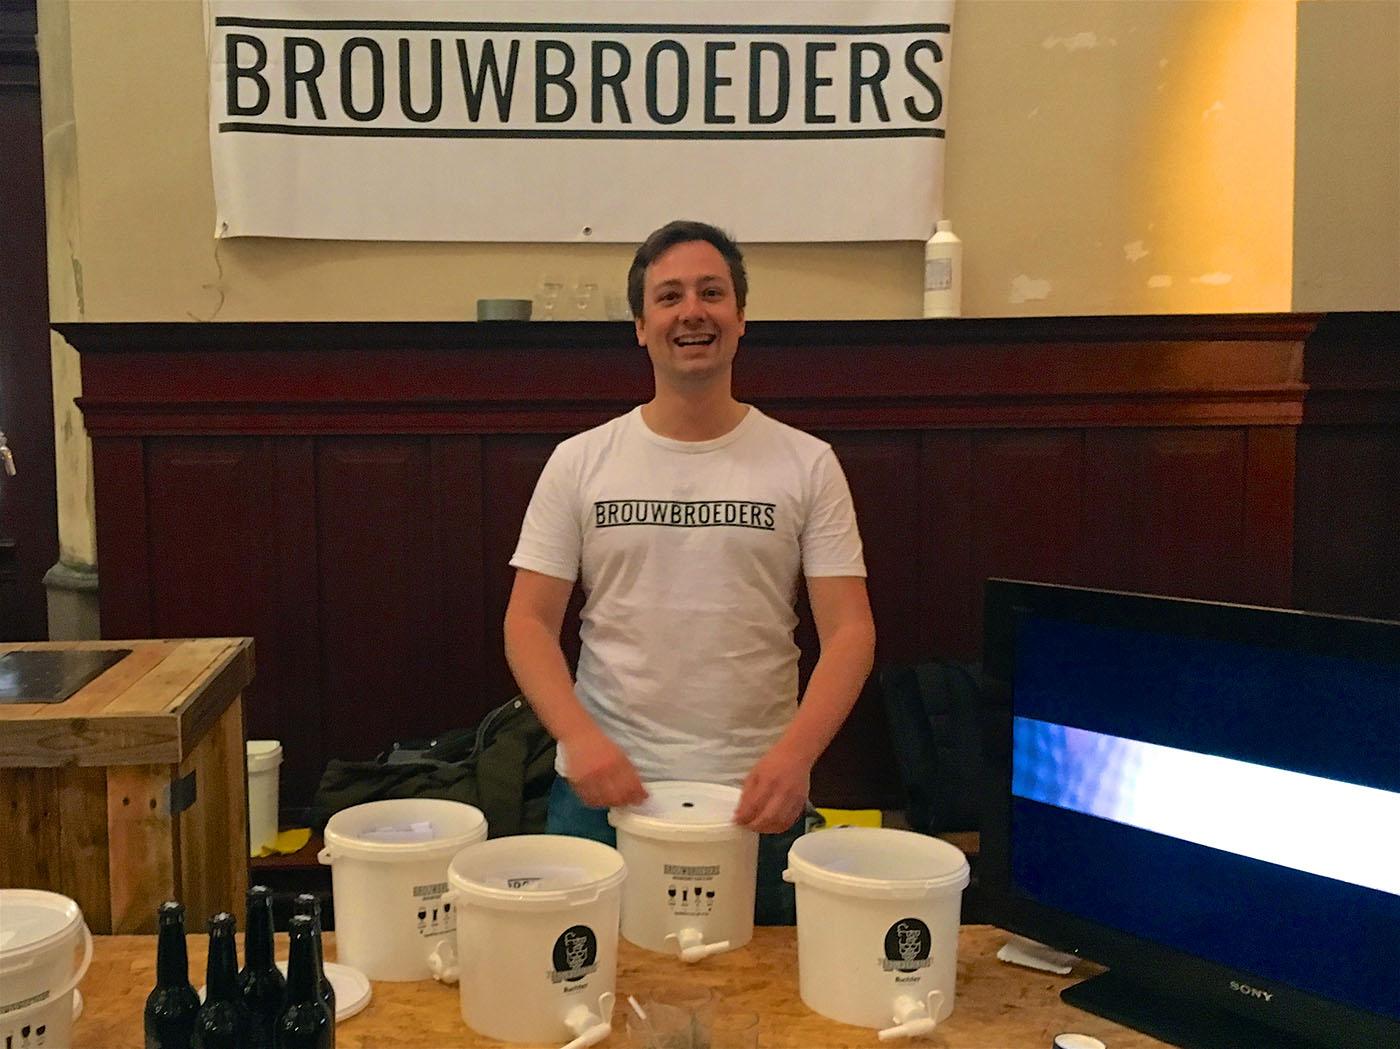 Biertjes drinken en mensen enthousiast maken op het bierfestival